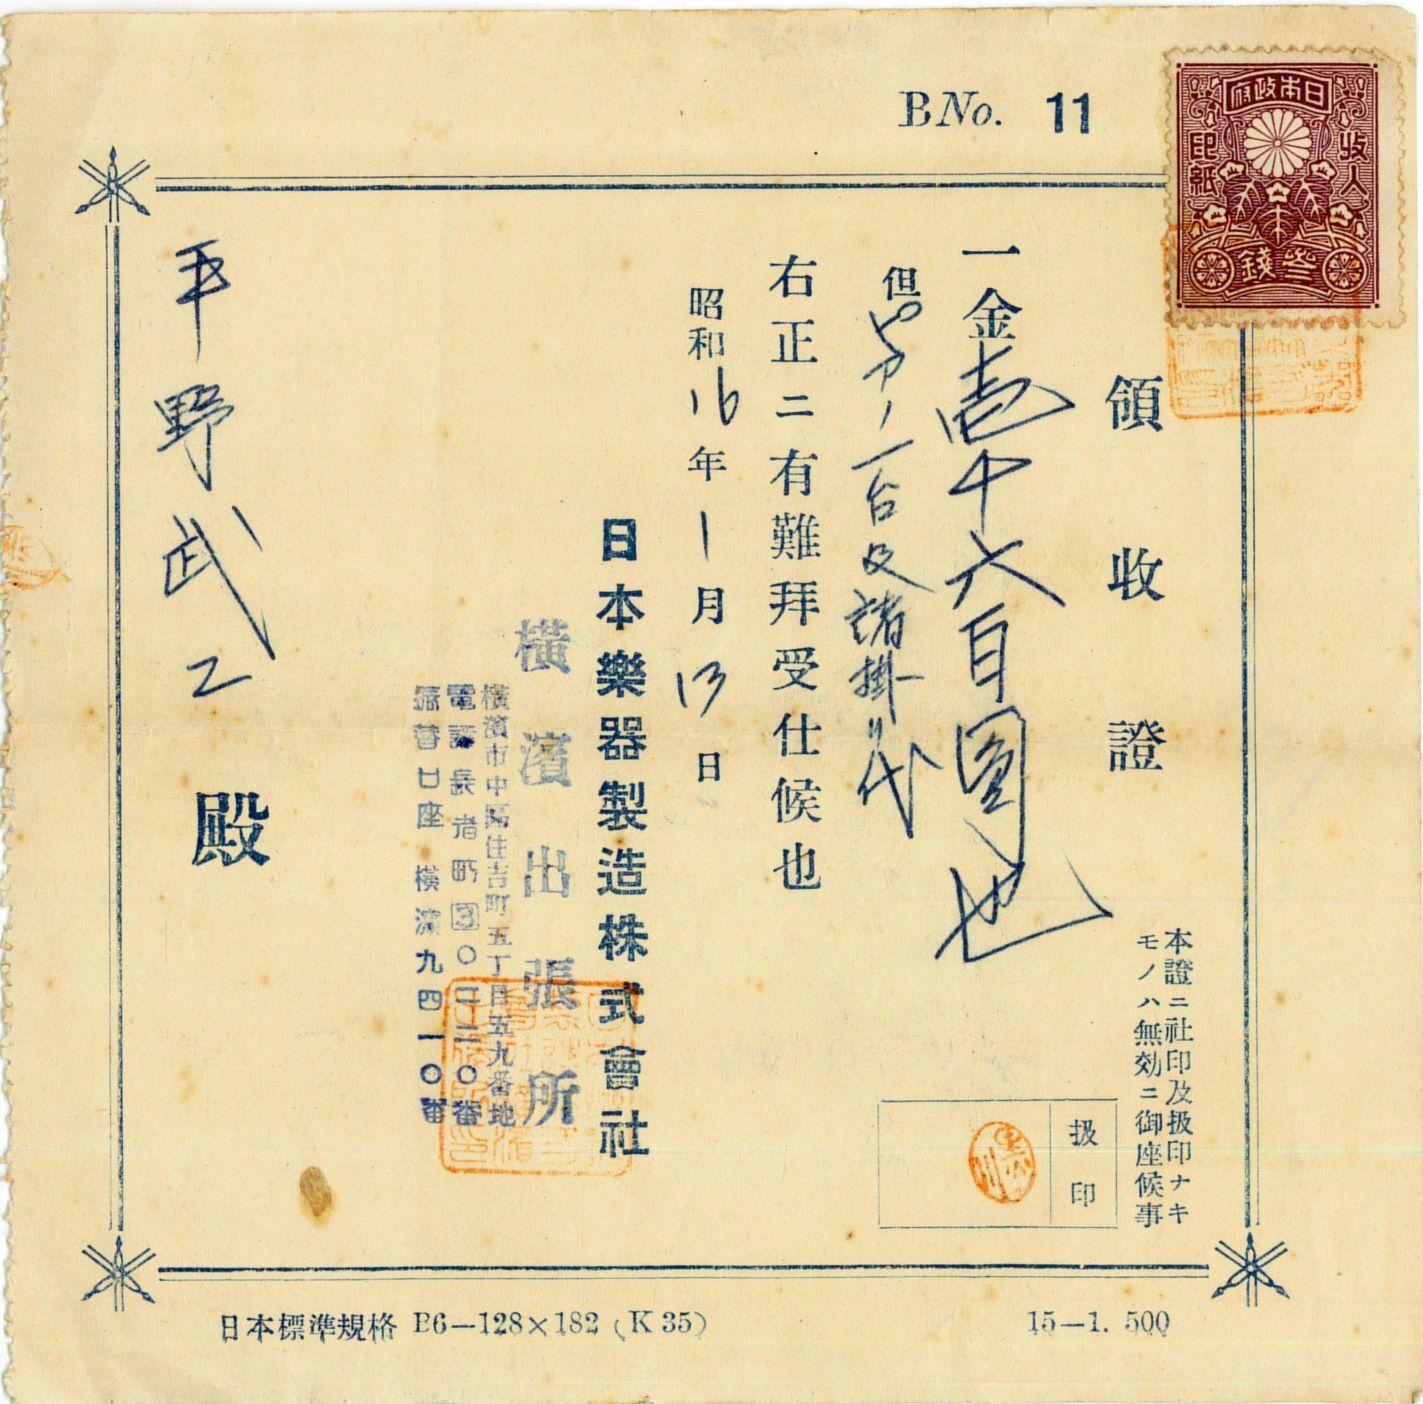 「平野邸 Hayama」が、葉山の歴史を継いでいきます。オーナーYakkoの葉山暮らし回想記Vol.3